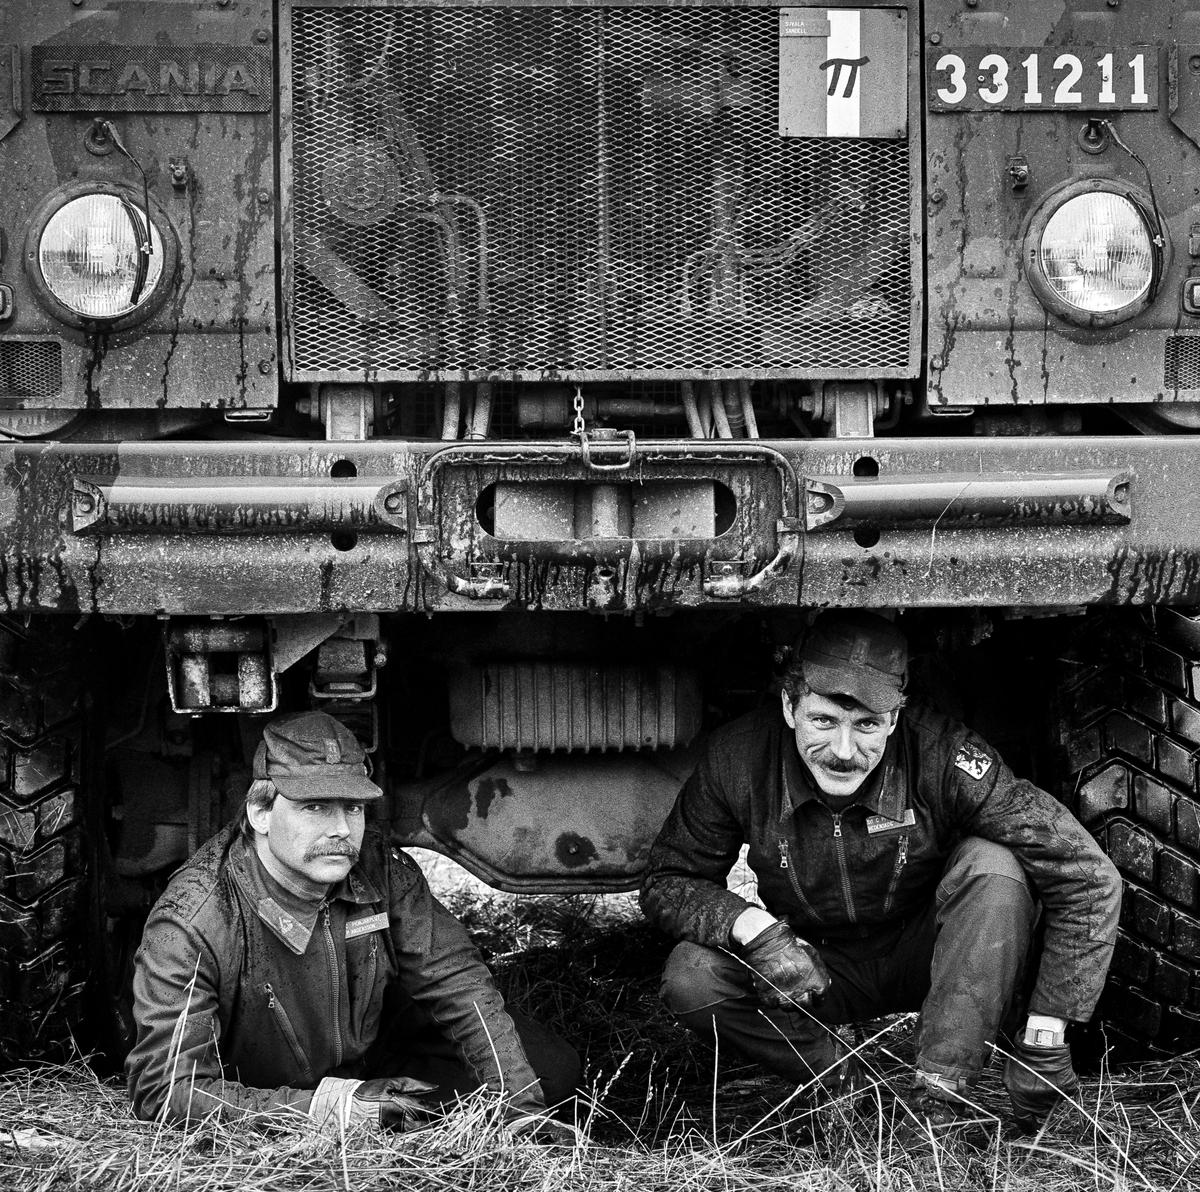 Pionjärarbetsplatsen, 2 april 1986  Plutonchef och stf på pionjärplutonen under fronten på en Tgb 30. Kapten Per (Pysch) Andersson och löjtnant Hans Hedenskog.  OBS! Tre bilder.   Milregnr: 331211